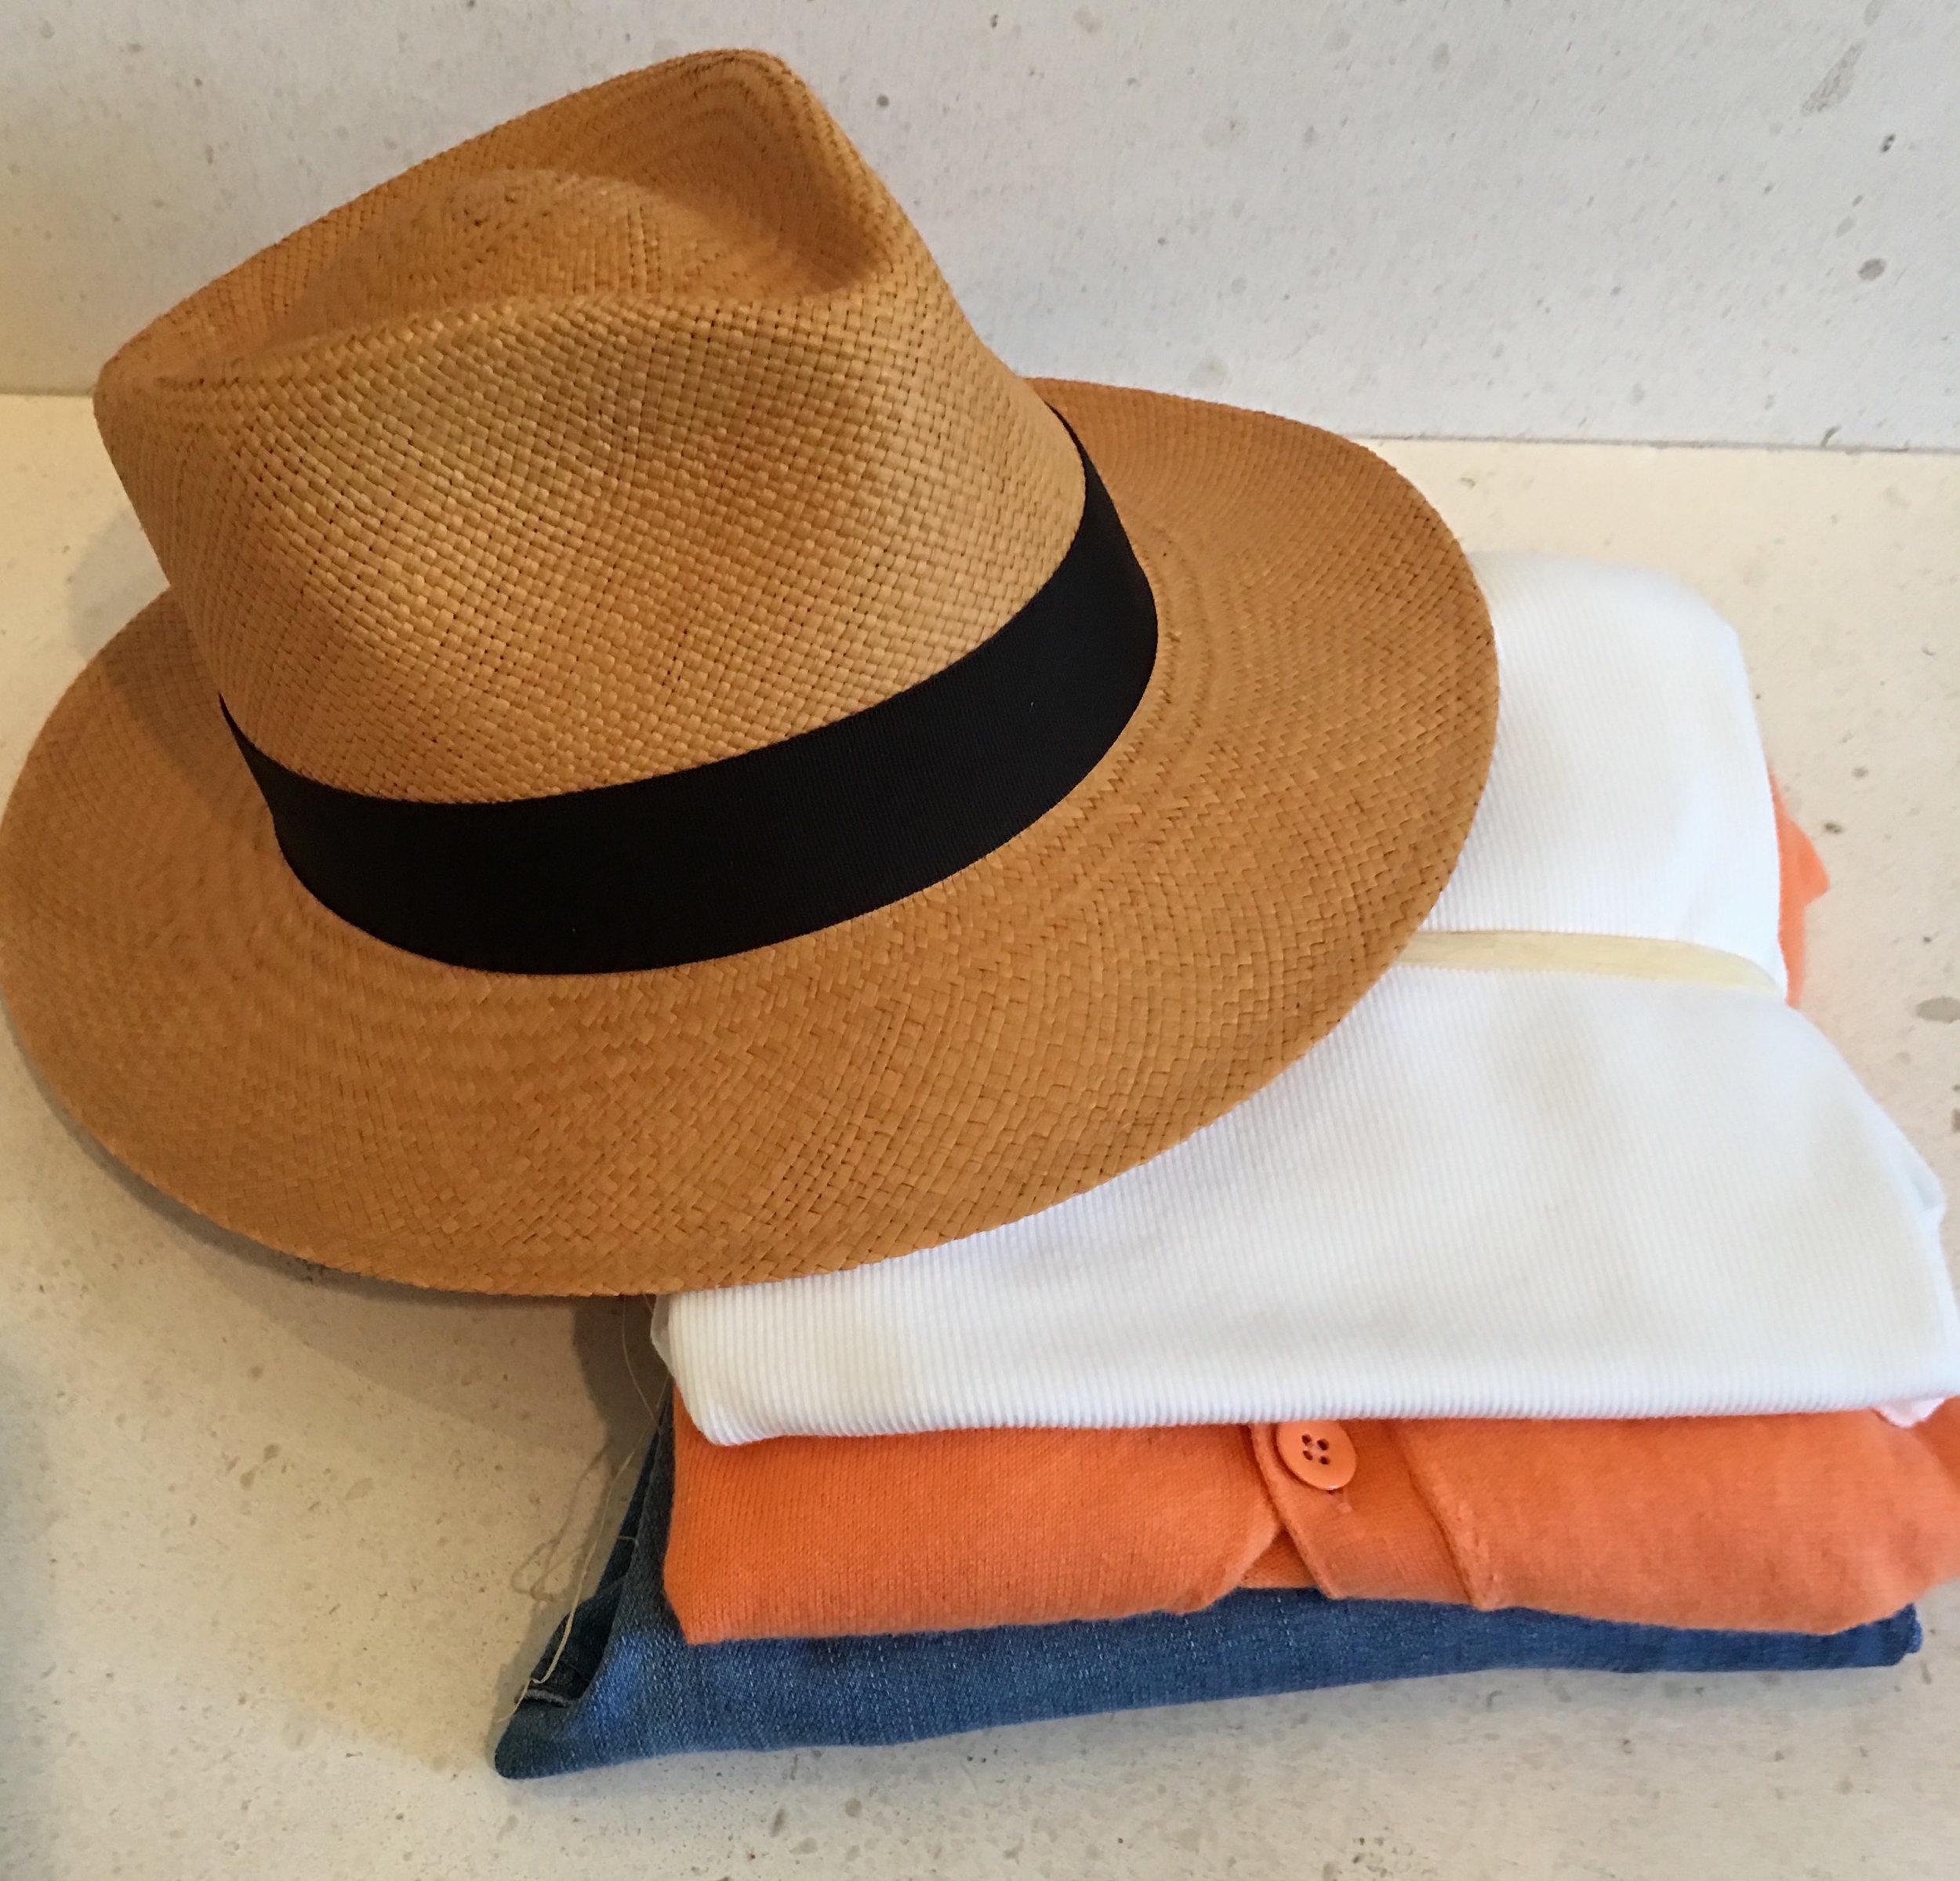 packing-tips-2.jpg